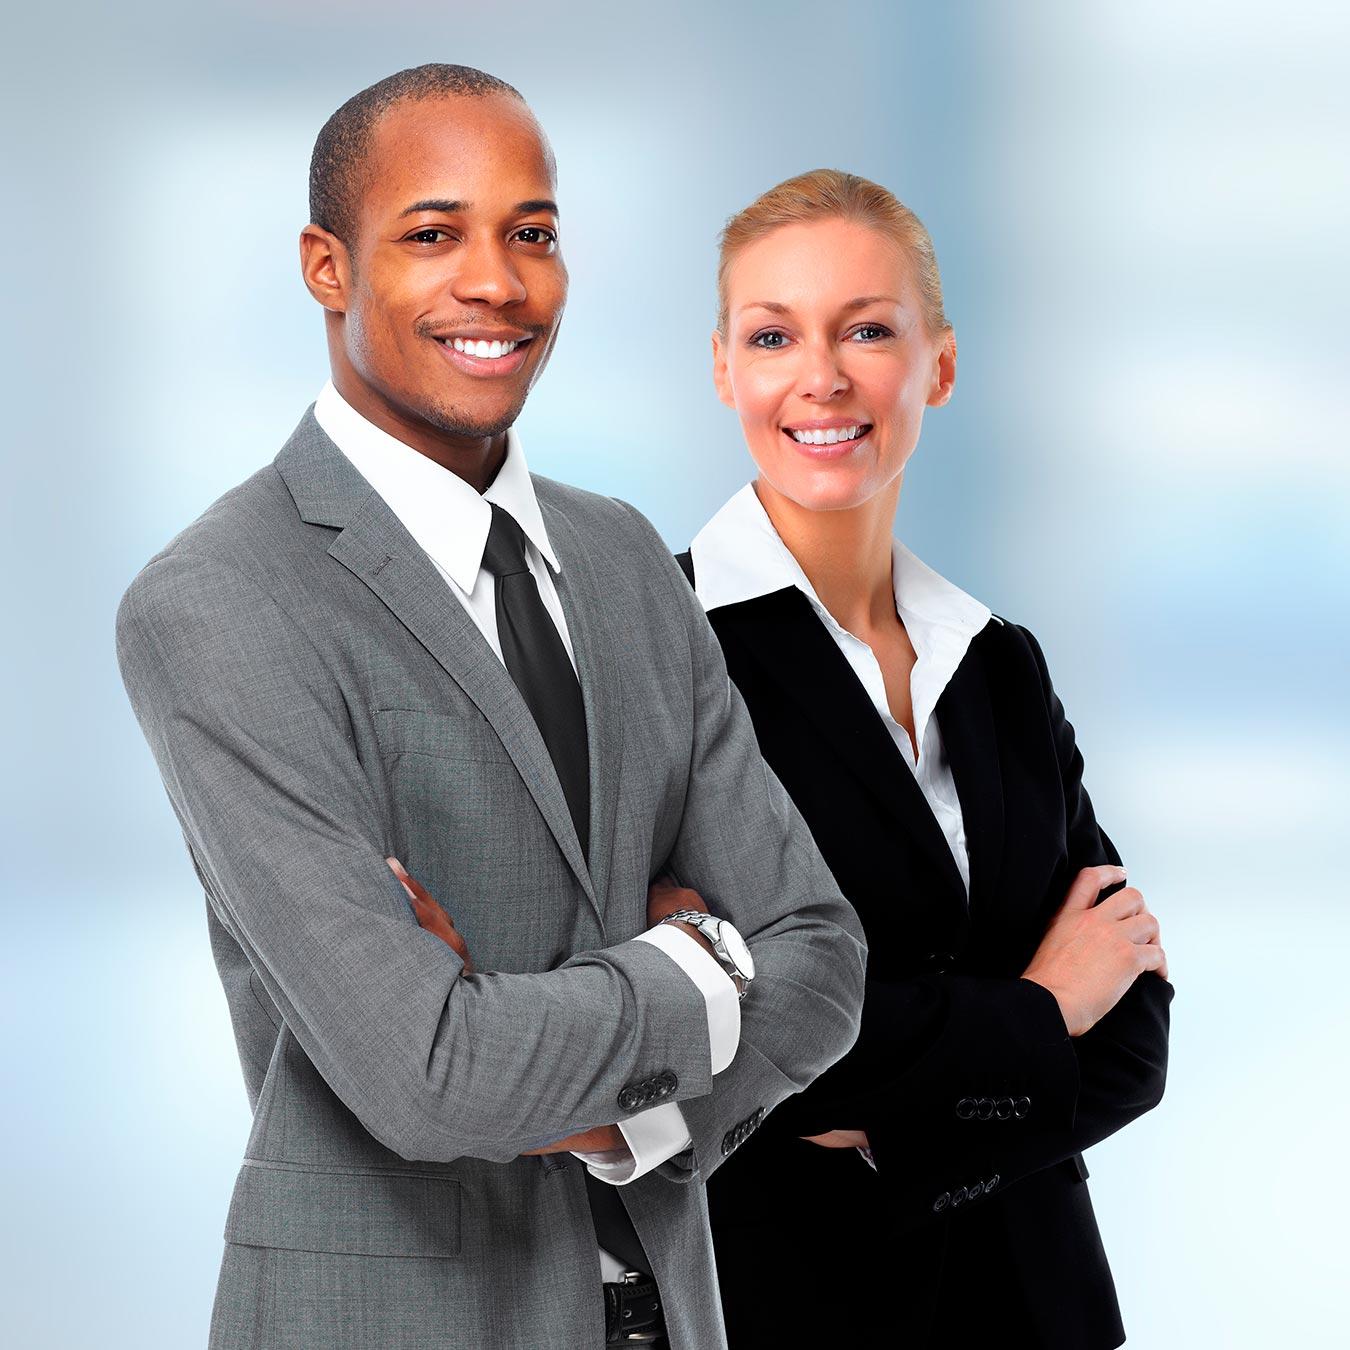 Tomada de Decisão em Negócios e Projetos  - PUC Minas